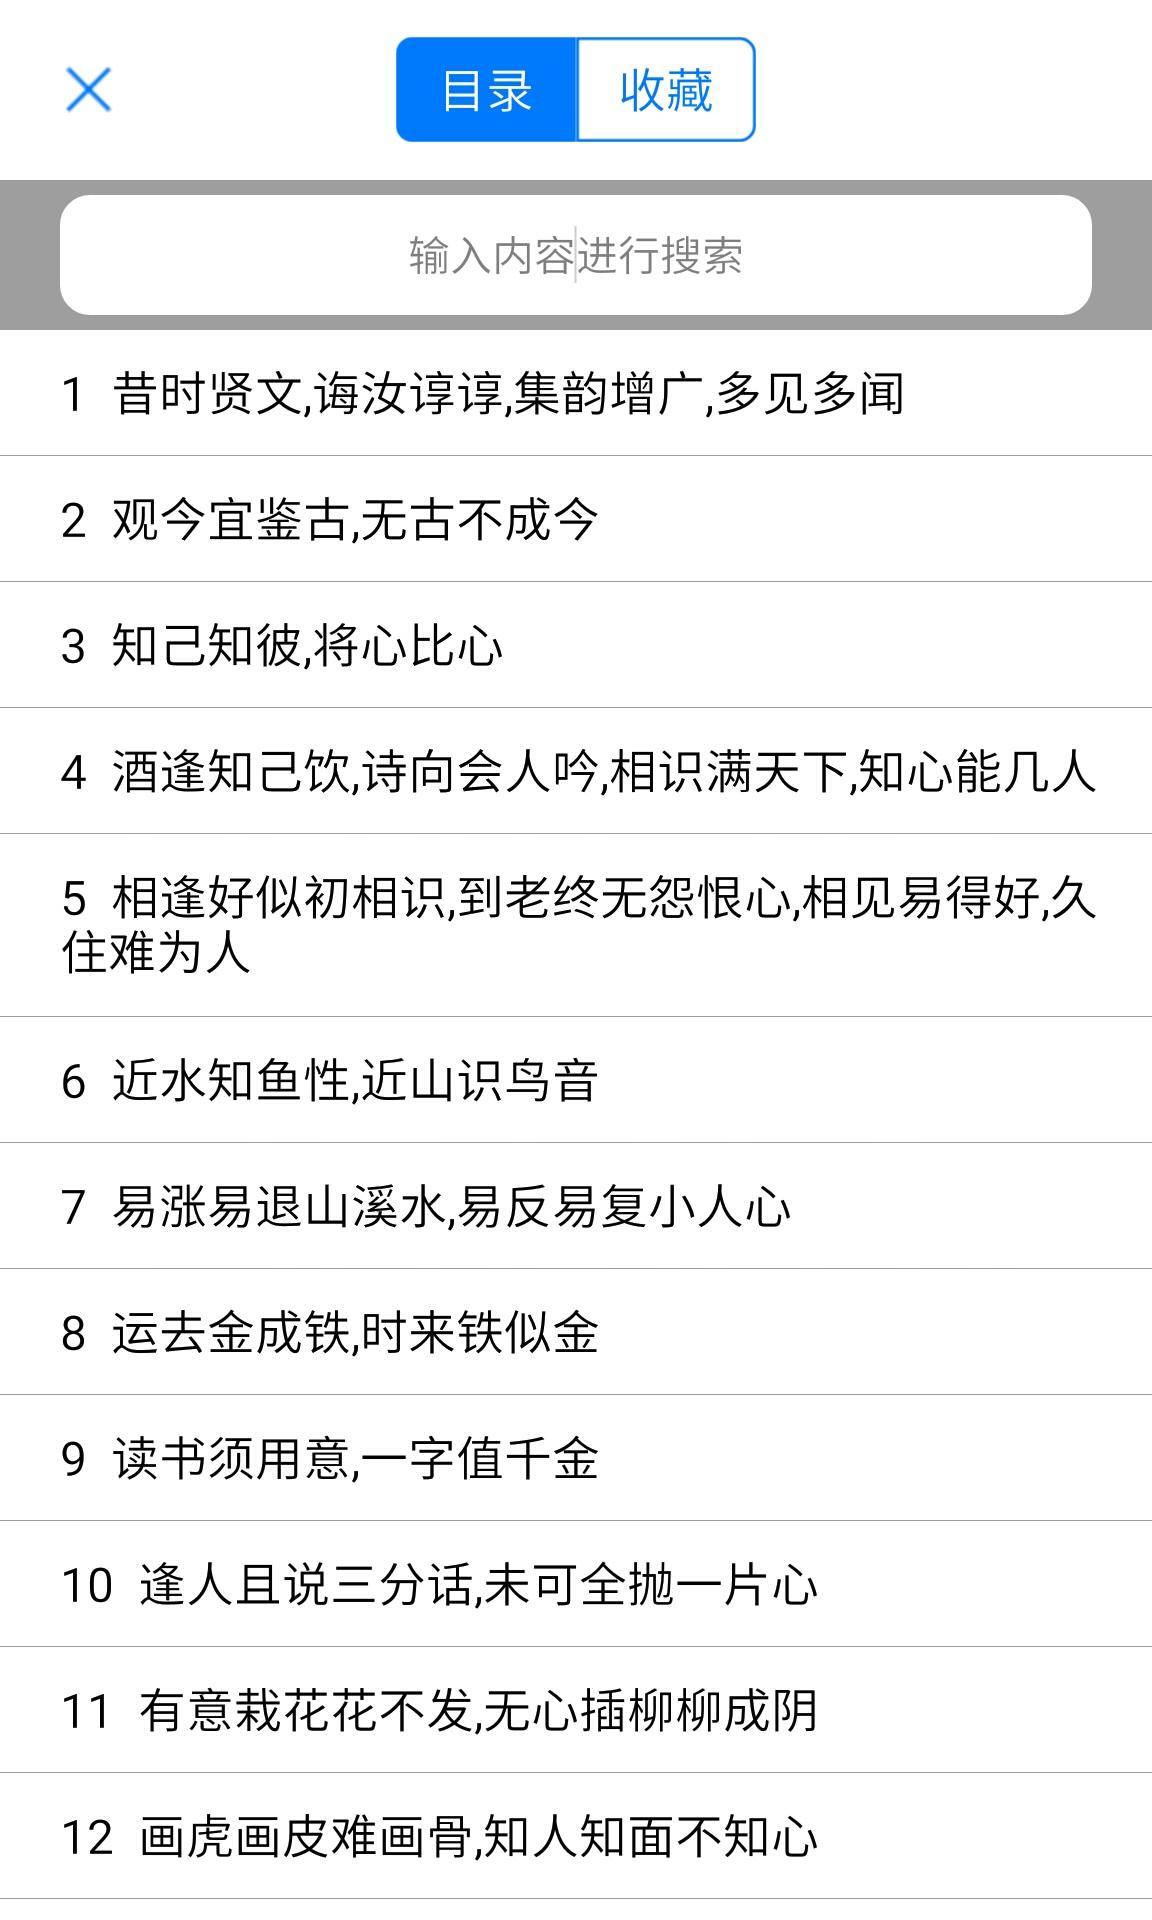 增广贤文图文有声国学 V2.1 安卓版截图2